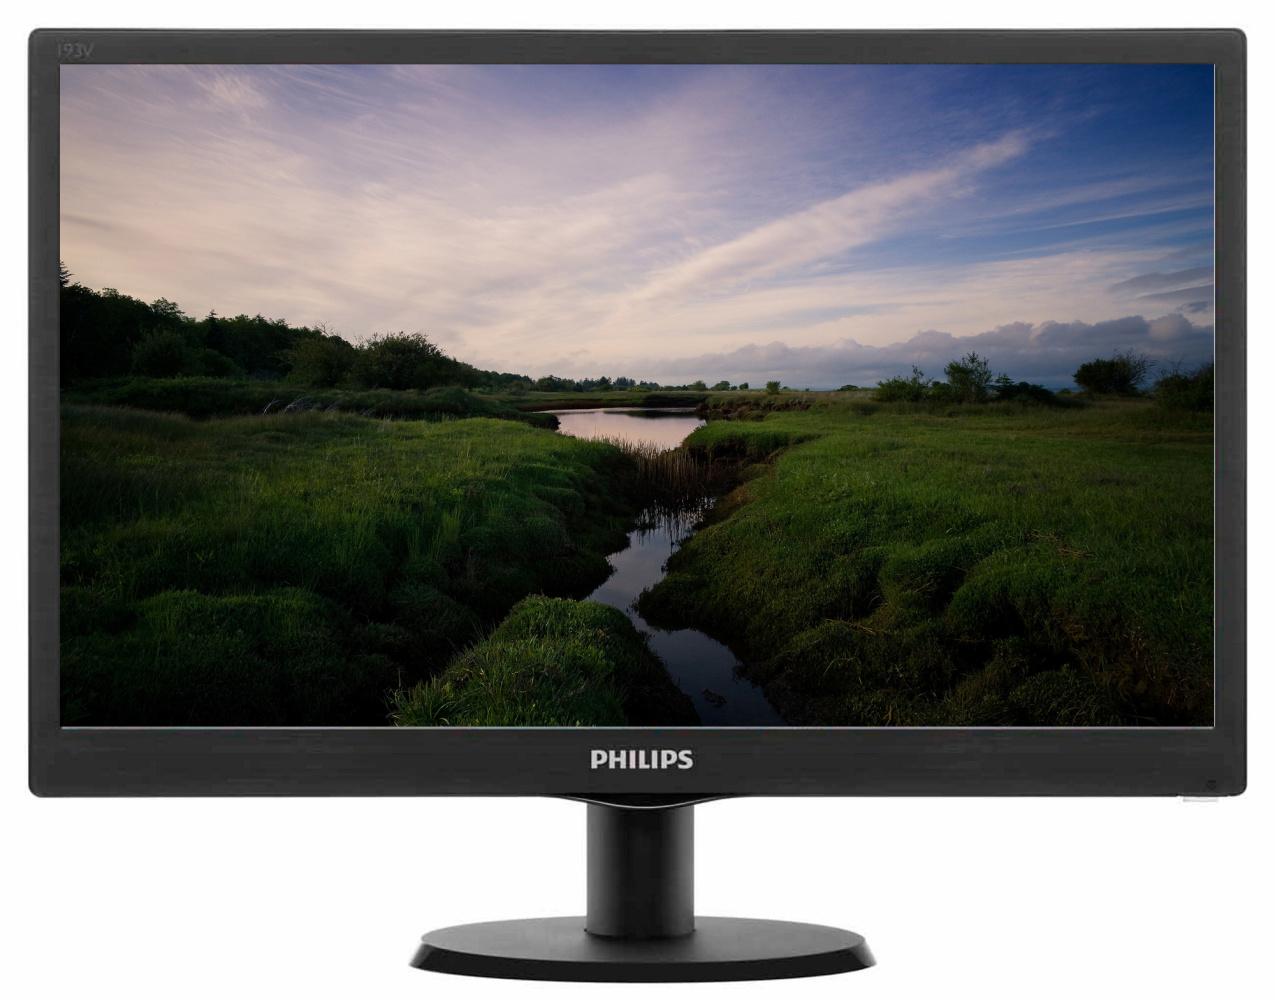 19'' LED Philips 193V5LSB2-1366x768, VGA,200cd,VESA